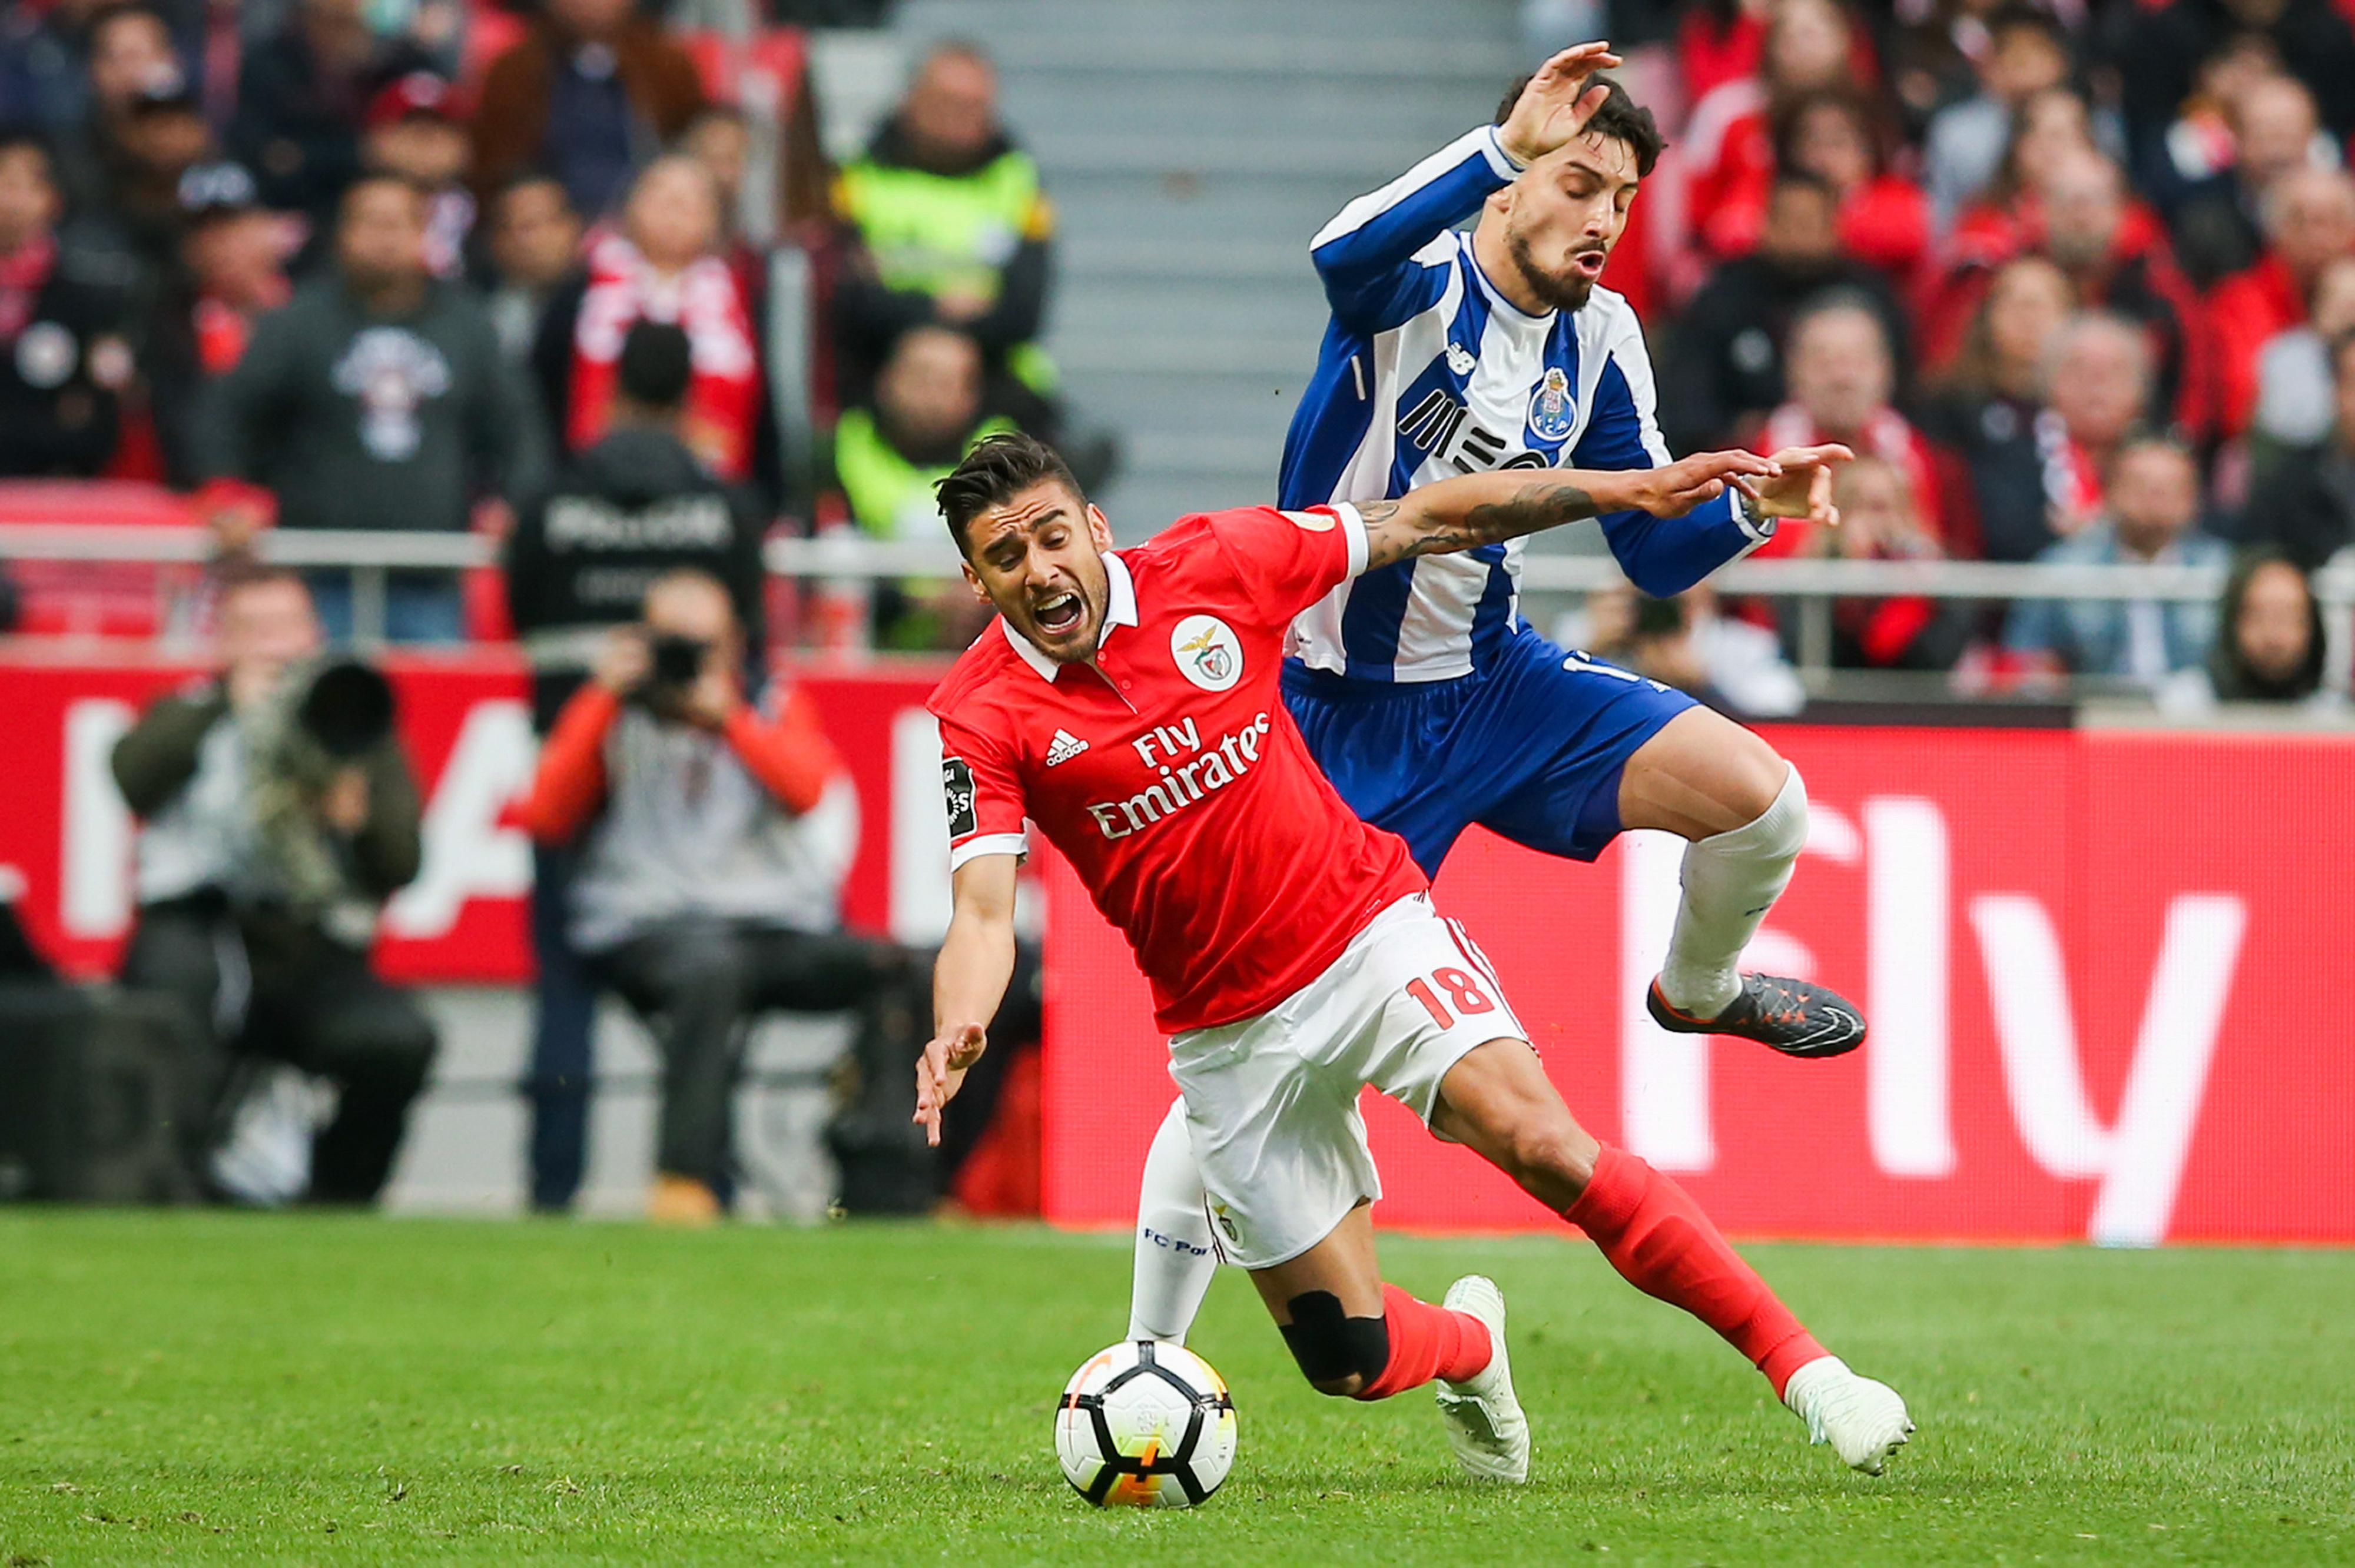 Benfica: Derrota no clássico já teve efeito na bilheteira do António Coimbra da Mota